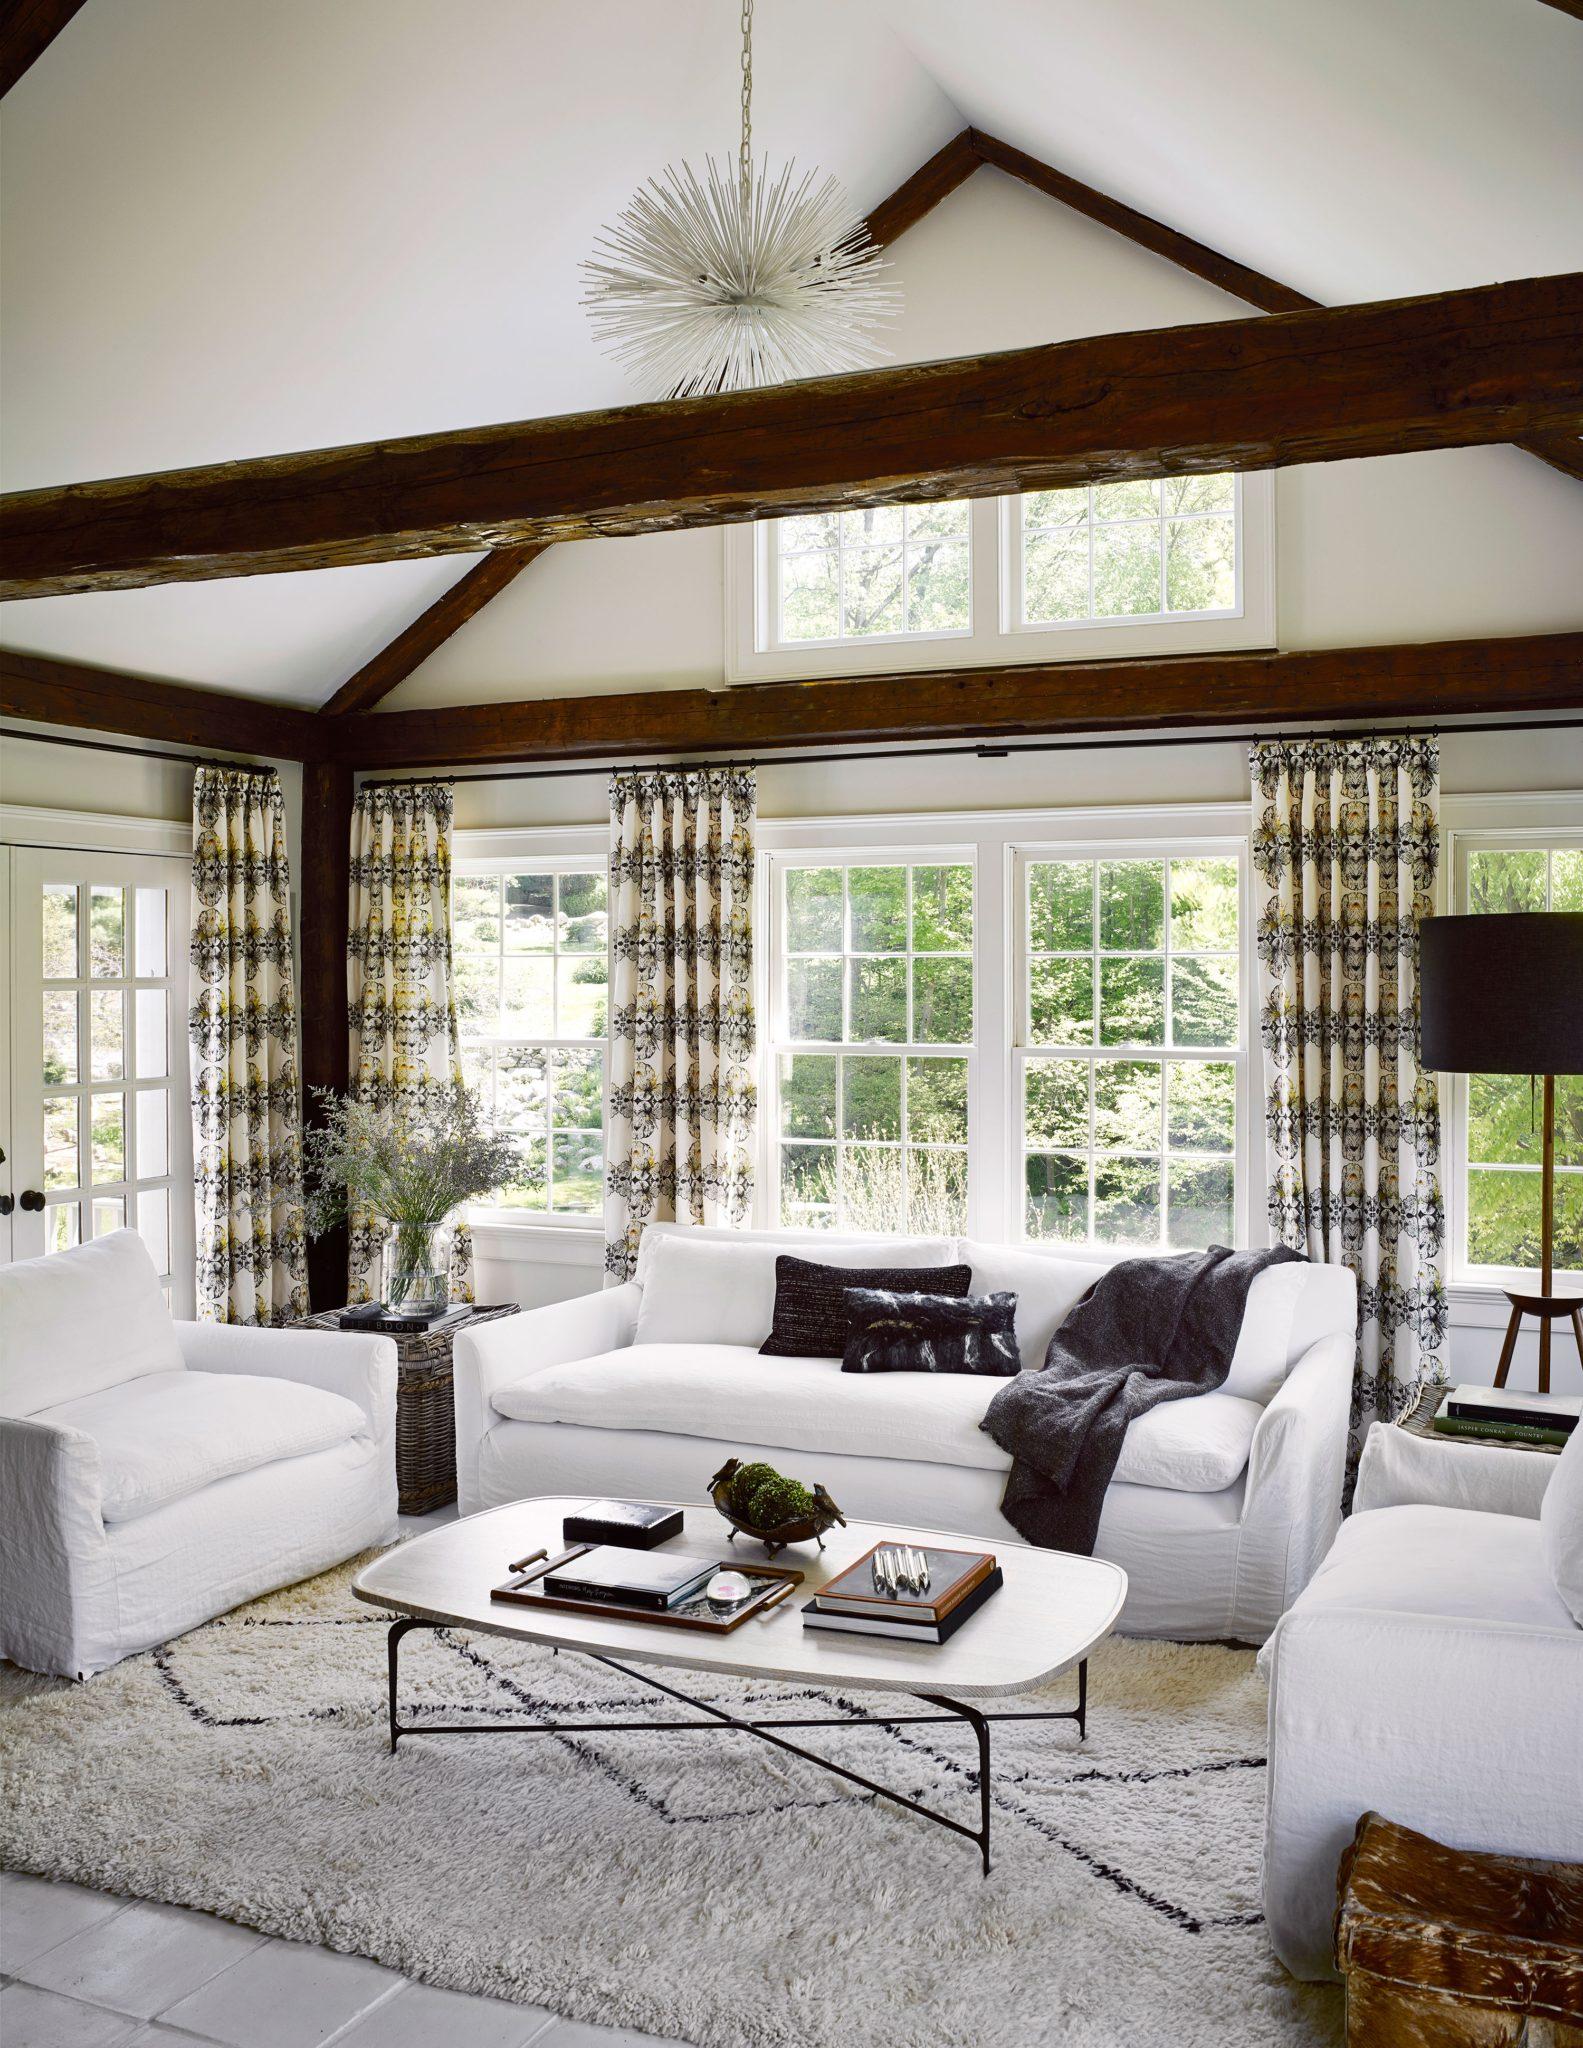 Interior design by Kara Mann Design